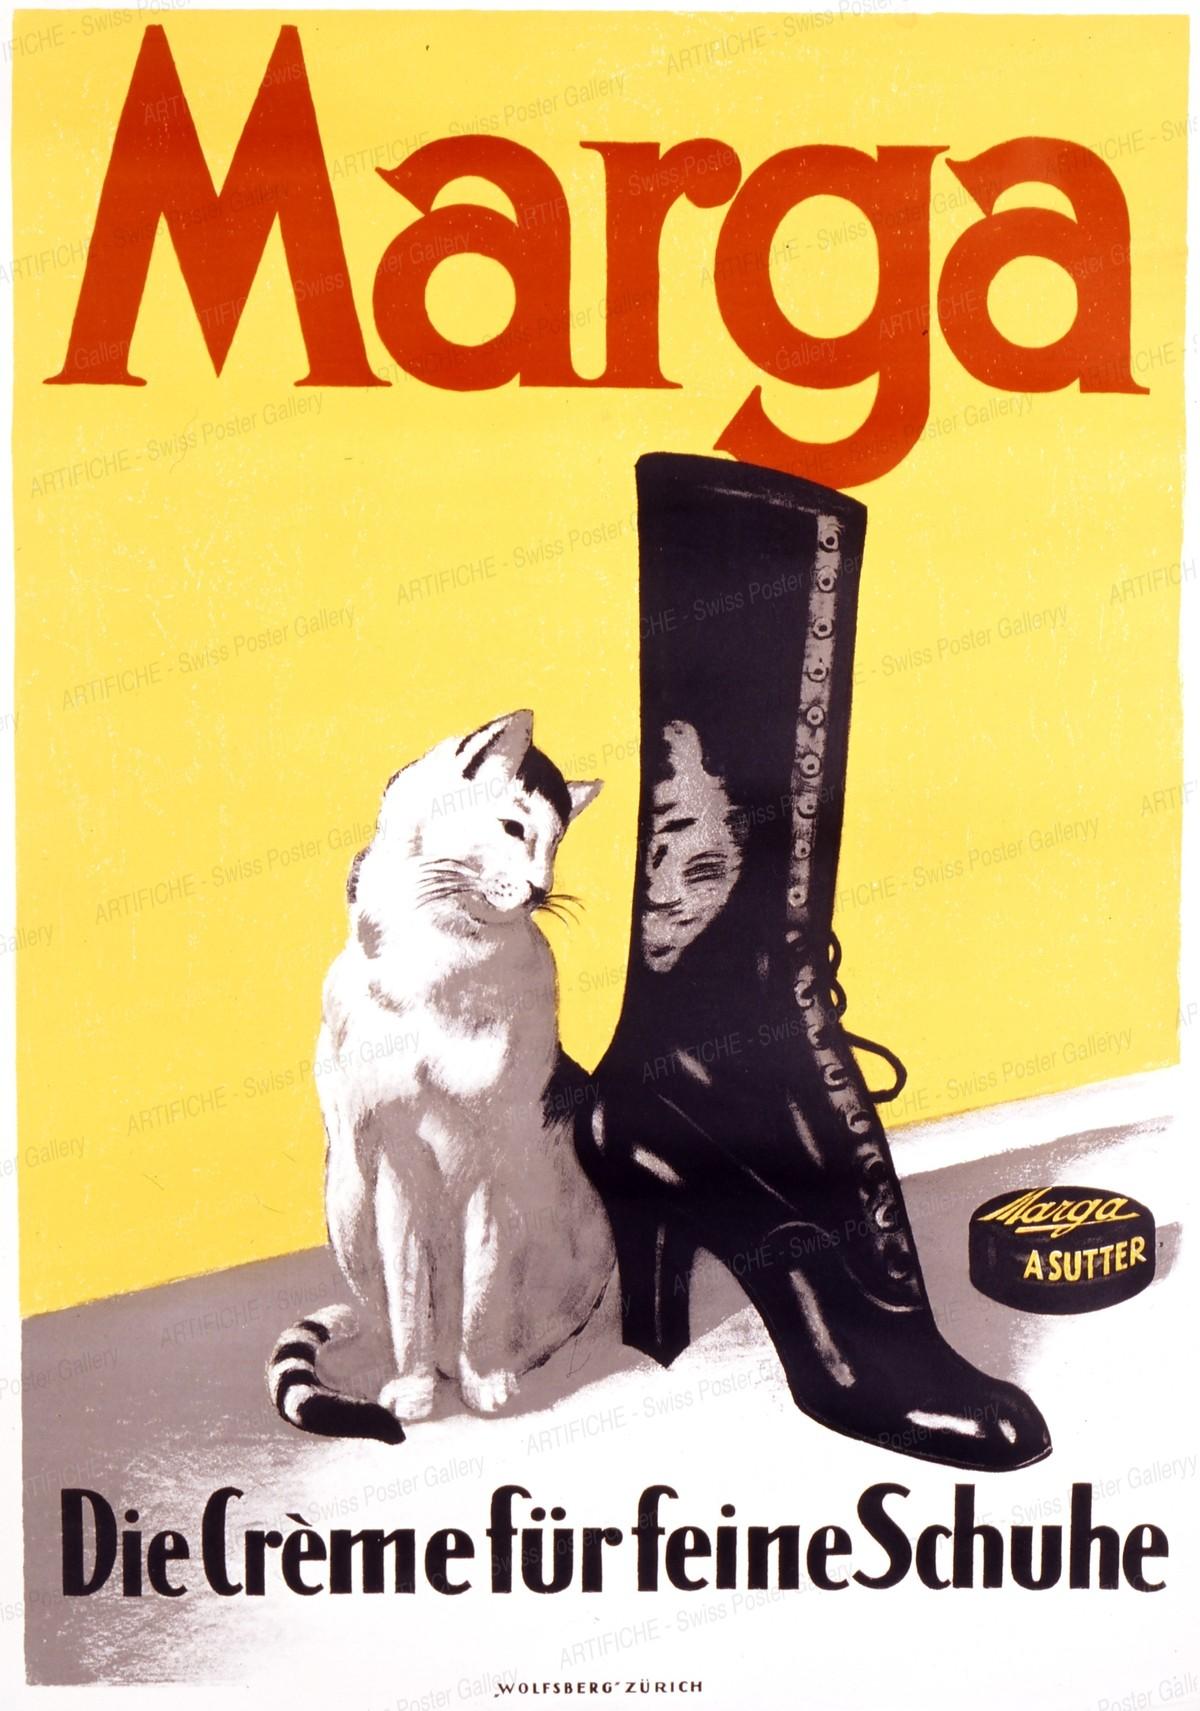 Marga – Die Crème für feine Schuhe, Artist unknown